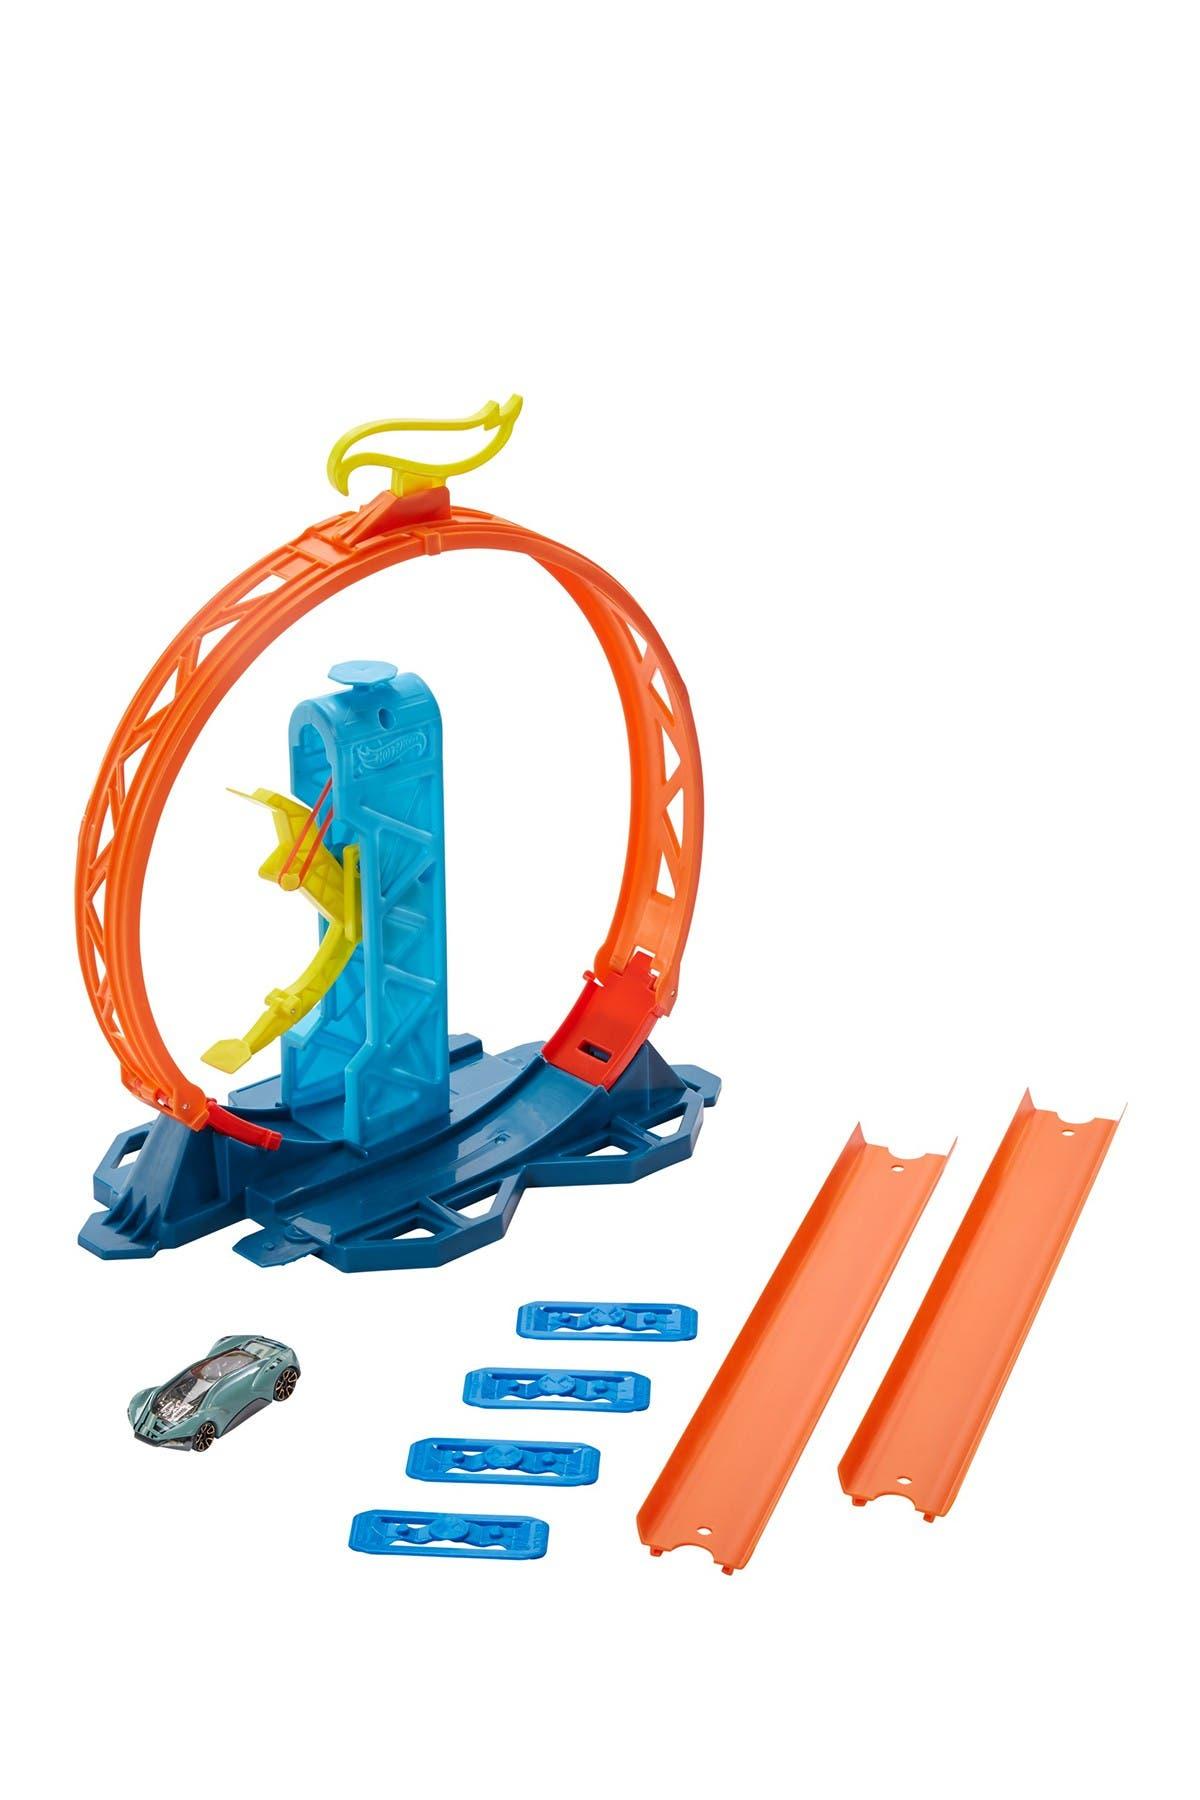 Image of Mattel Hot Wheels®Track Builder Unlimited Loop Kicker Pack